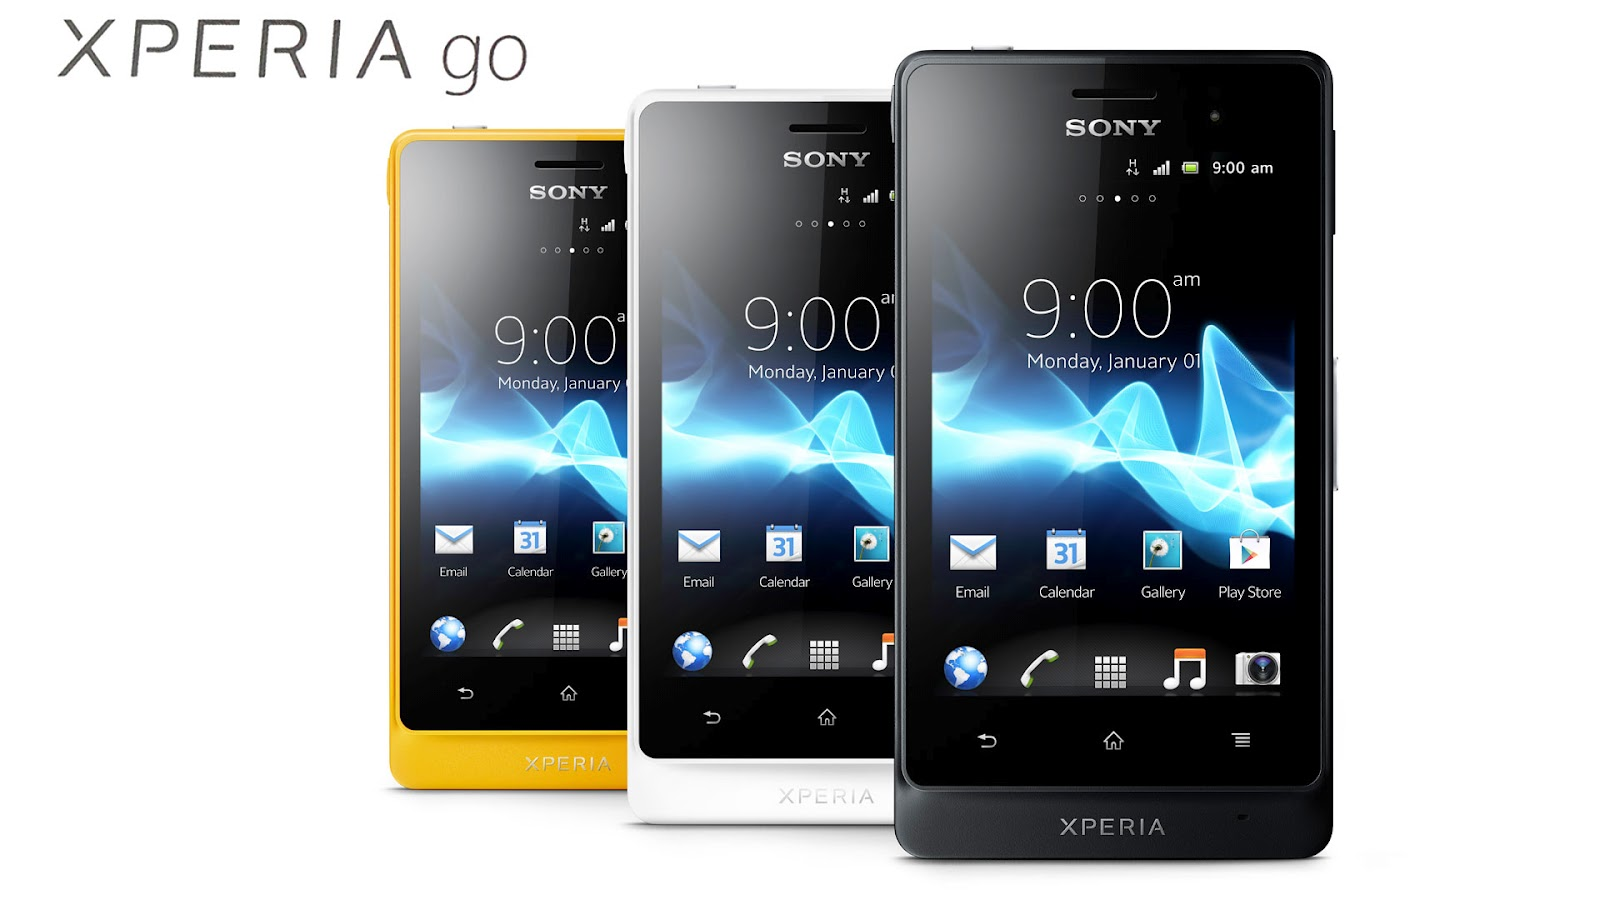 Xperia L Celular Android Sony Xperia (Brasil) - imagens do celular xperia u